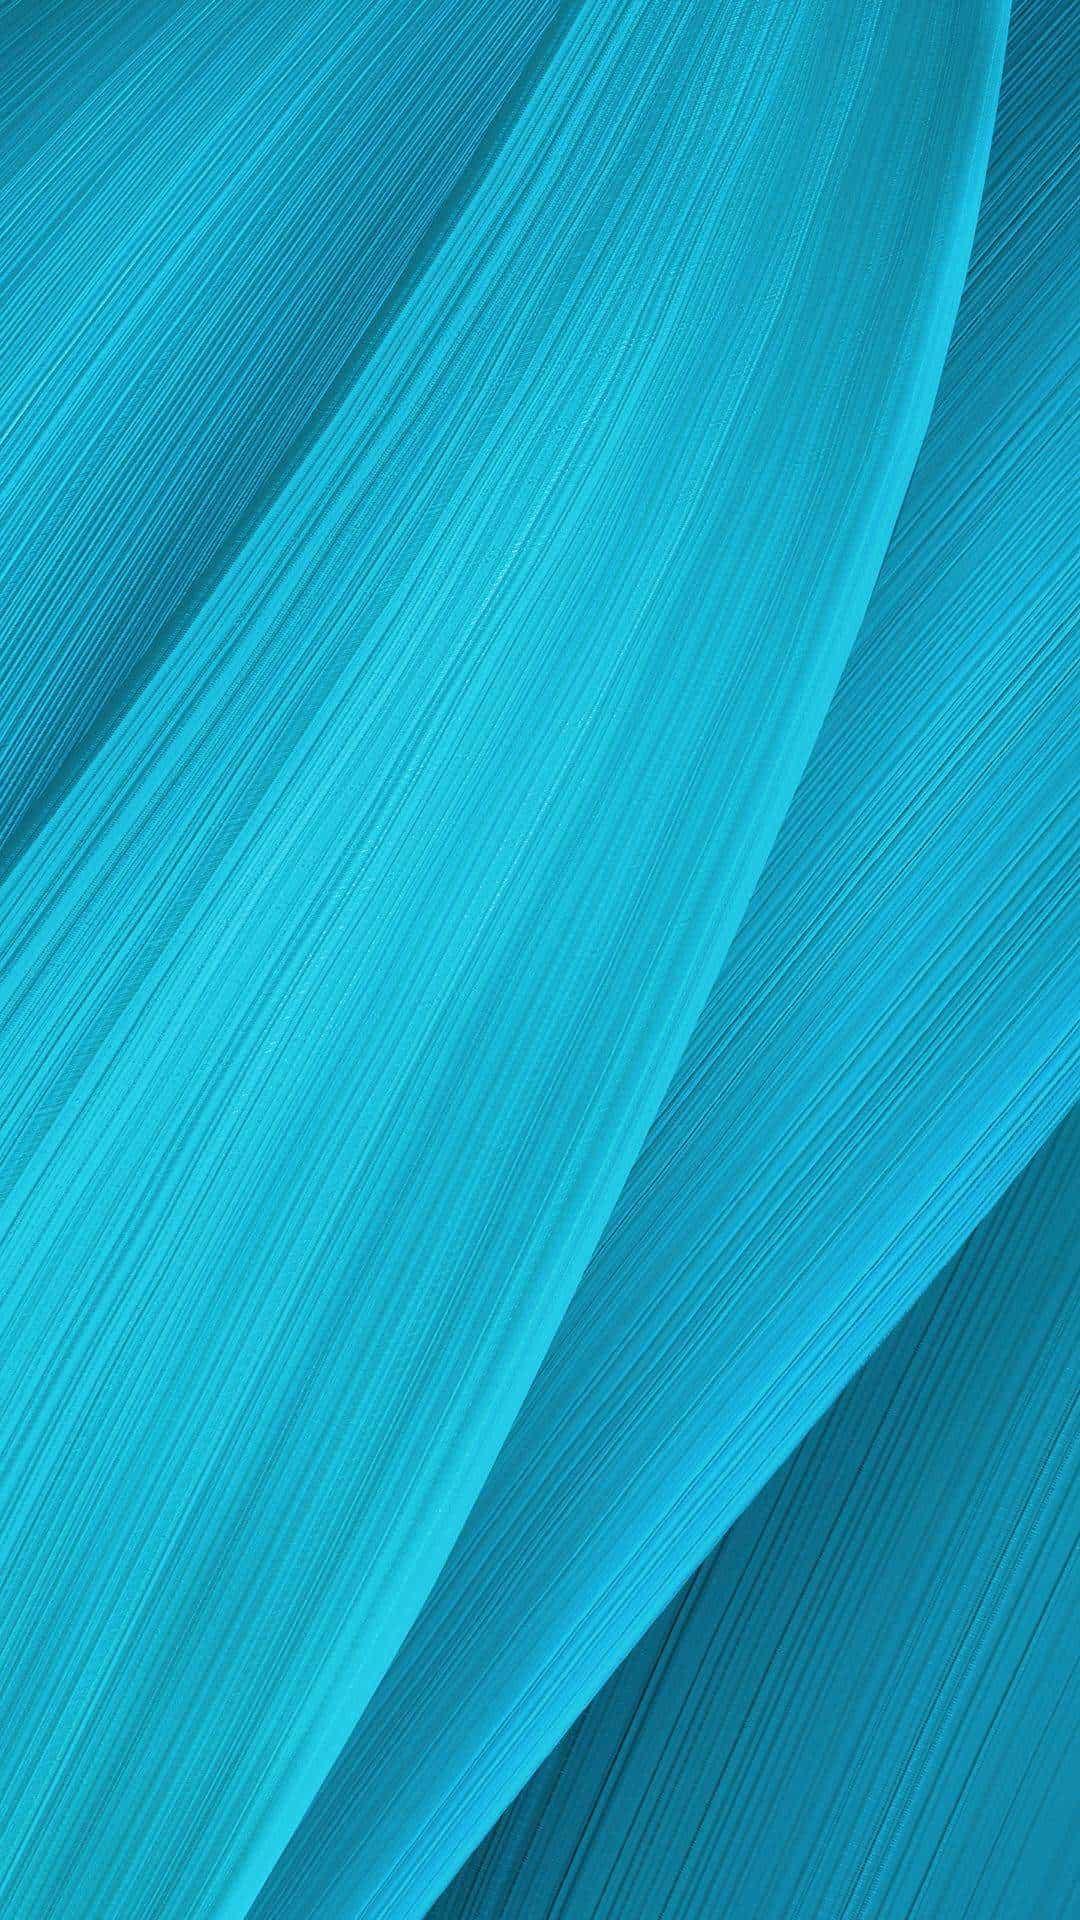 Asus Zenfone 2 Stock Wallpapers